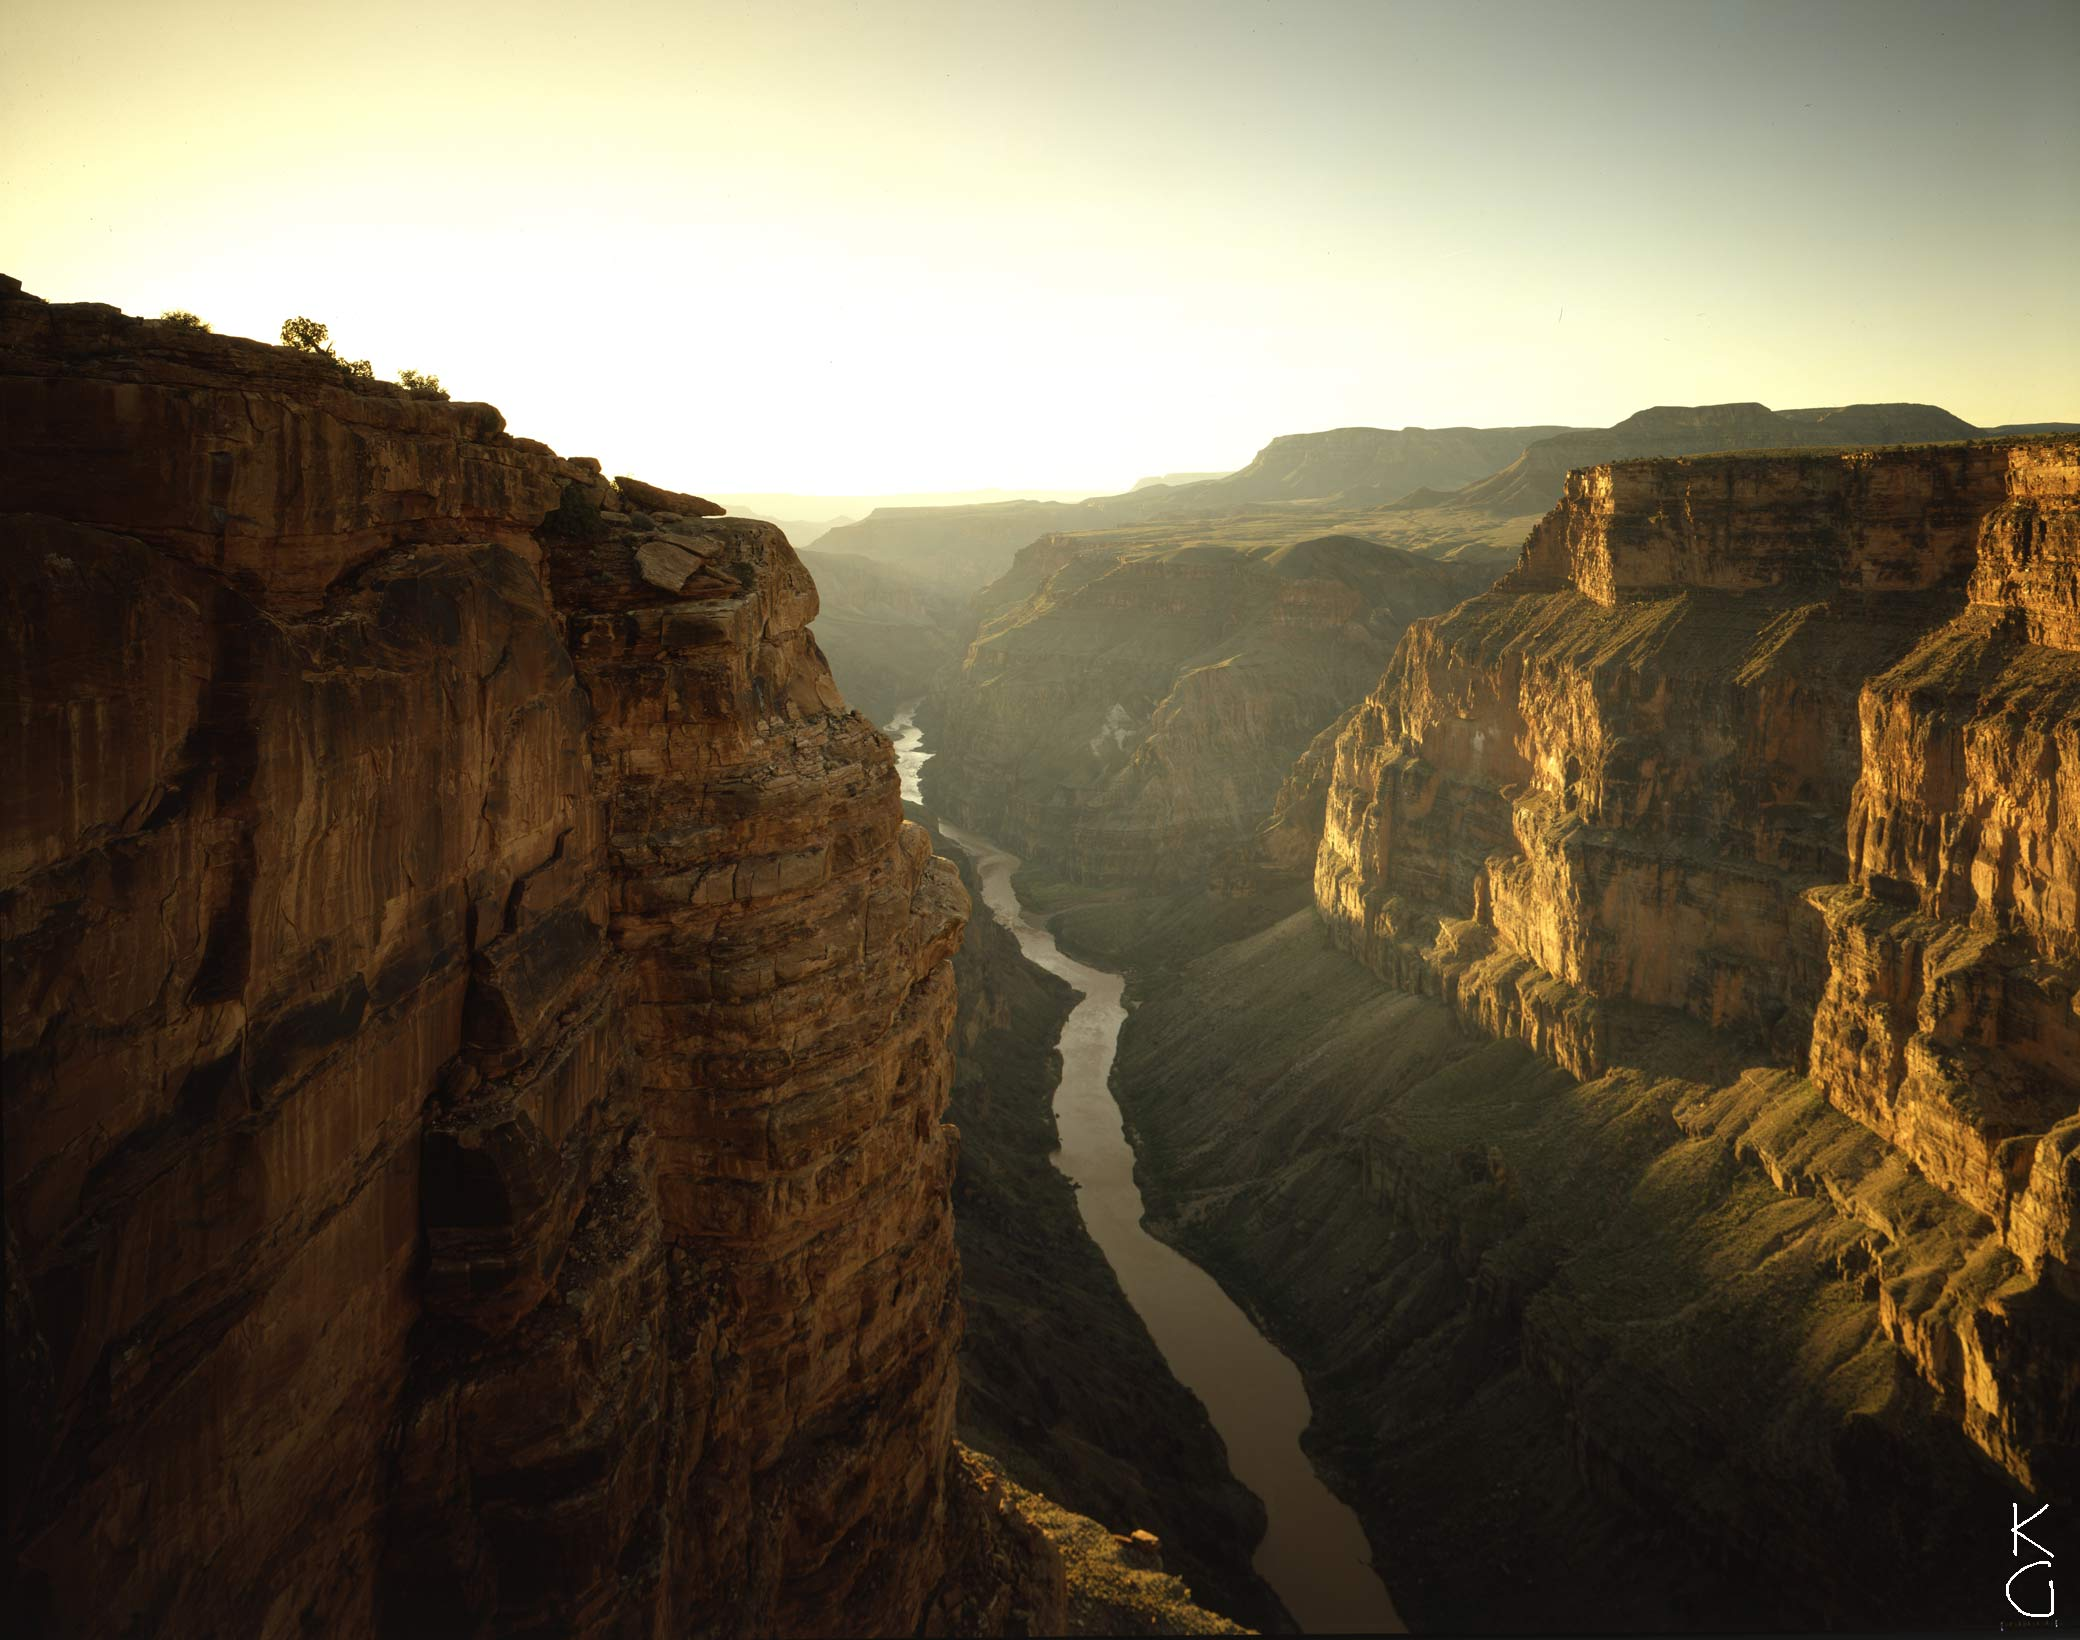 Canyon, Colorado